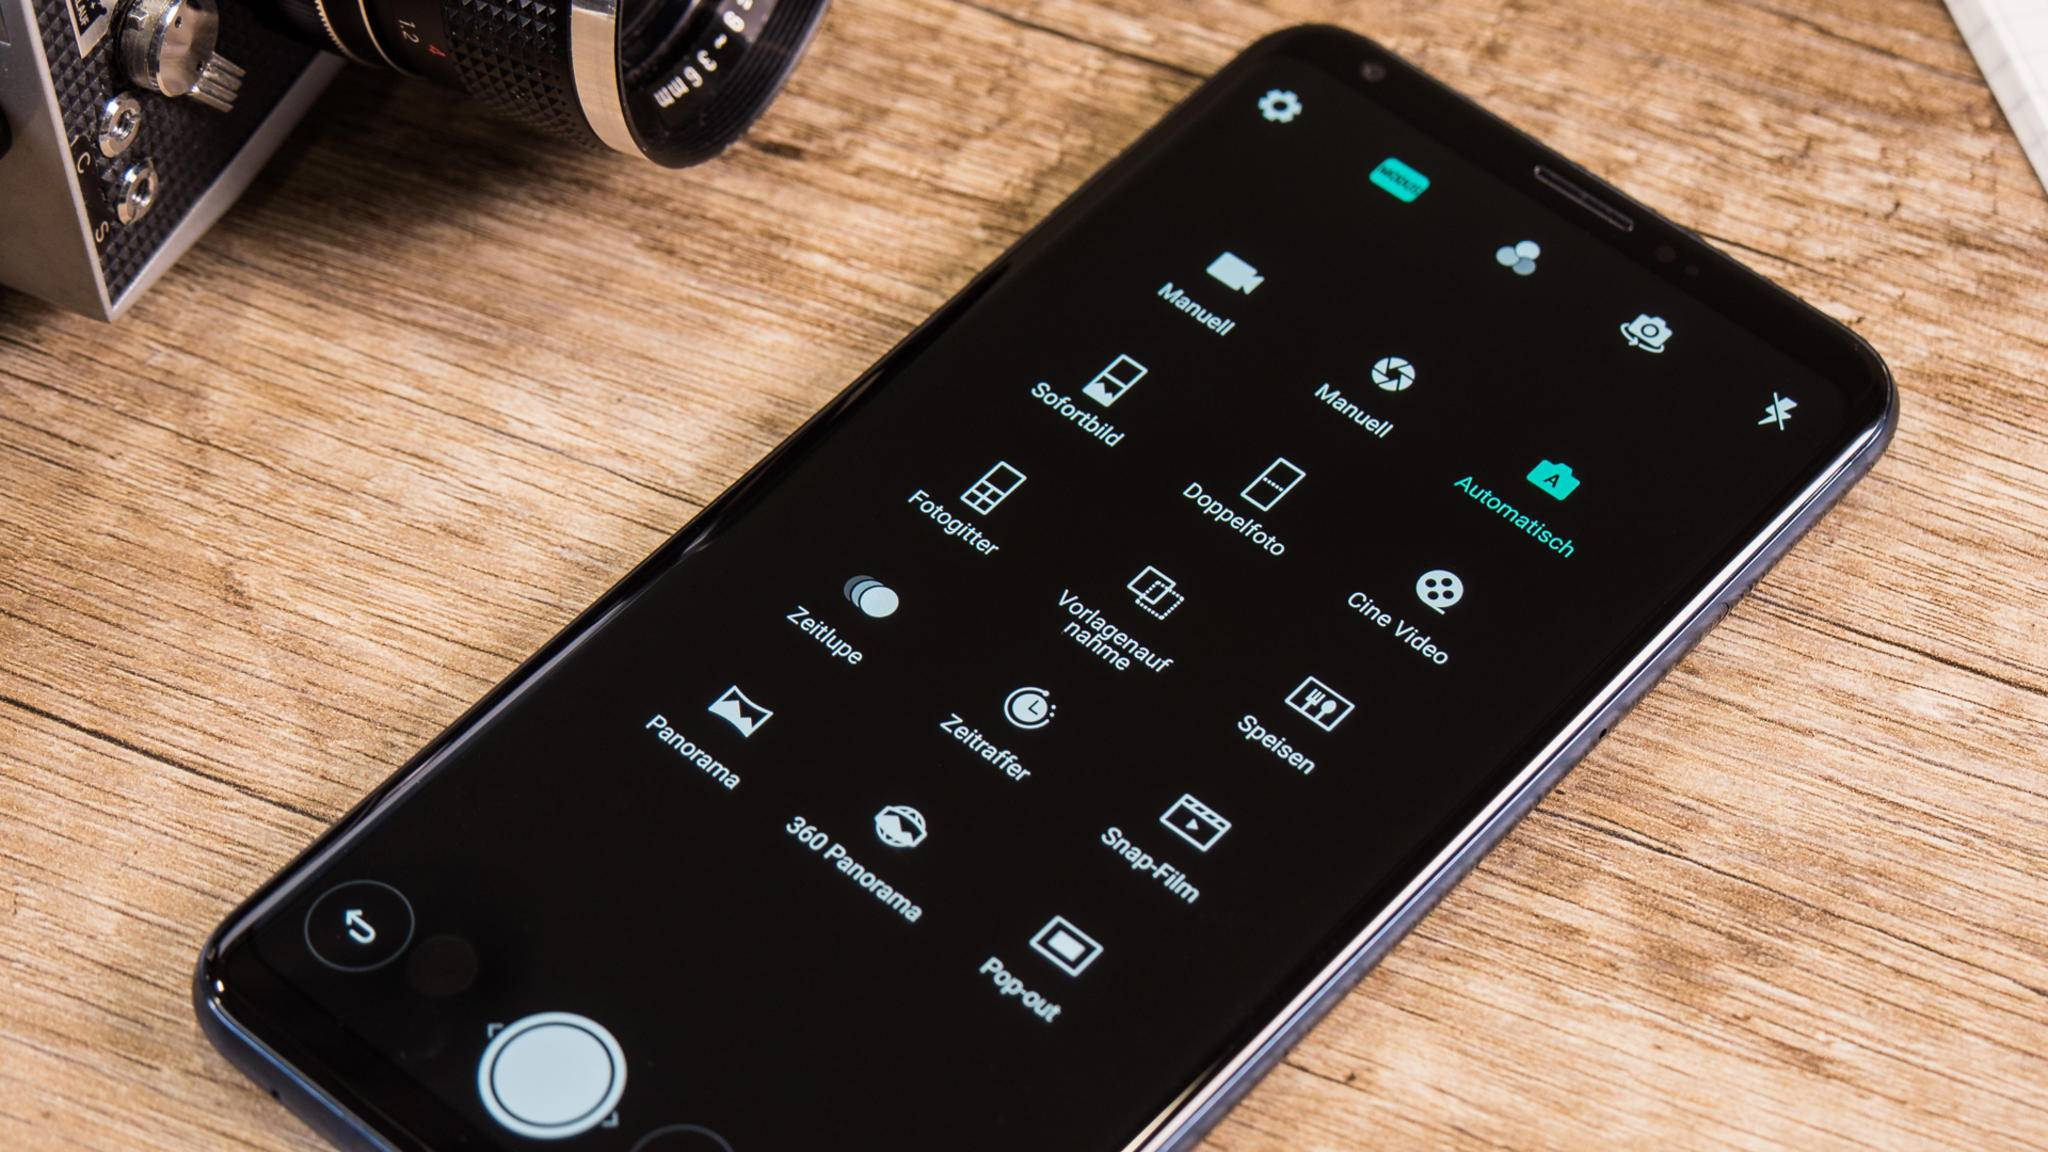 Das LG V30 bietet nur noch ein großes Display und keinen zusätzlichen Mini-Screen mehr wie die Vorgänger.